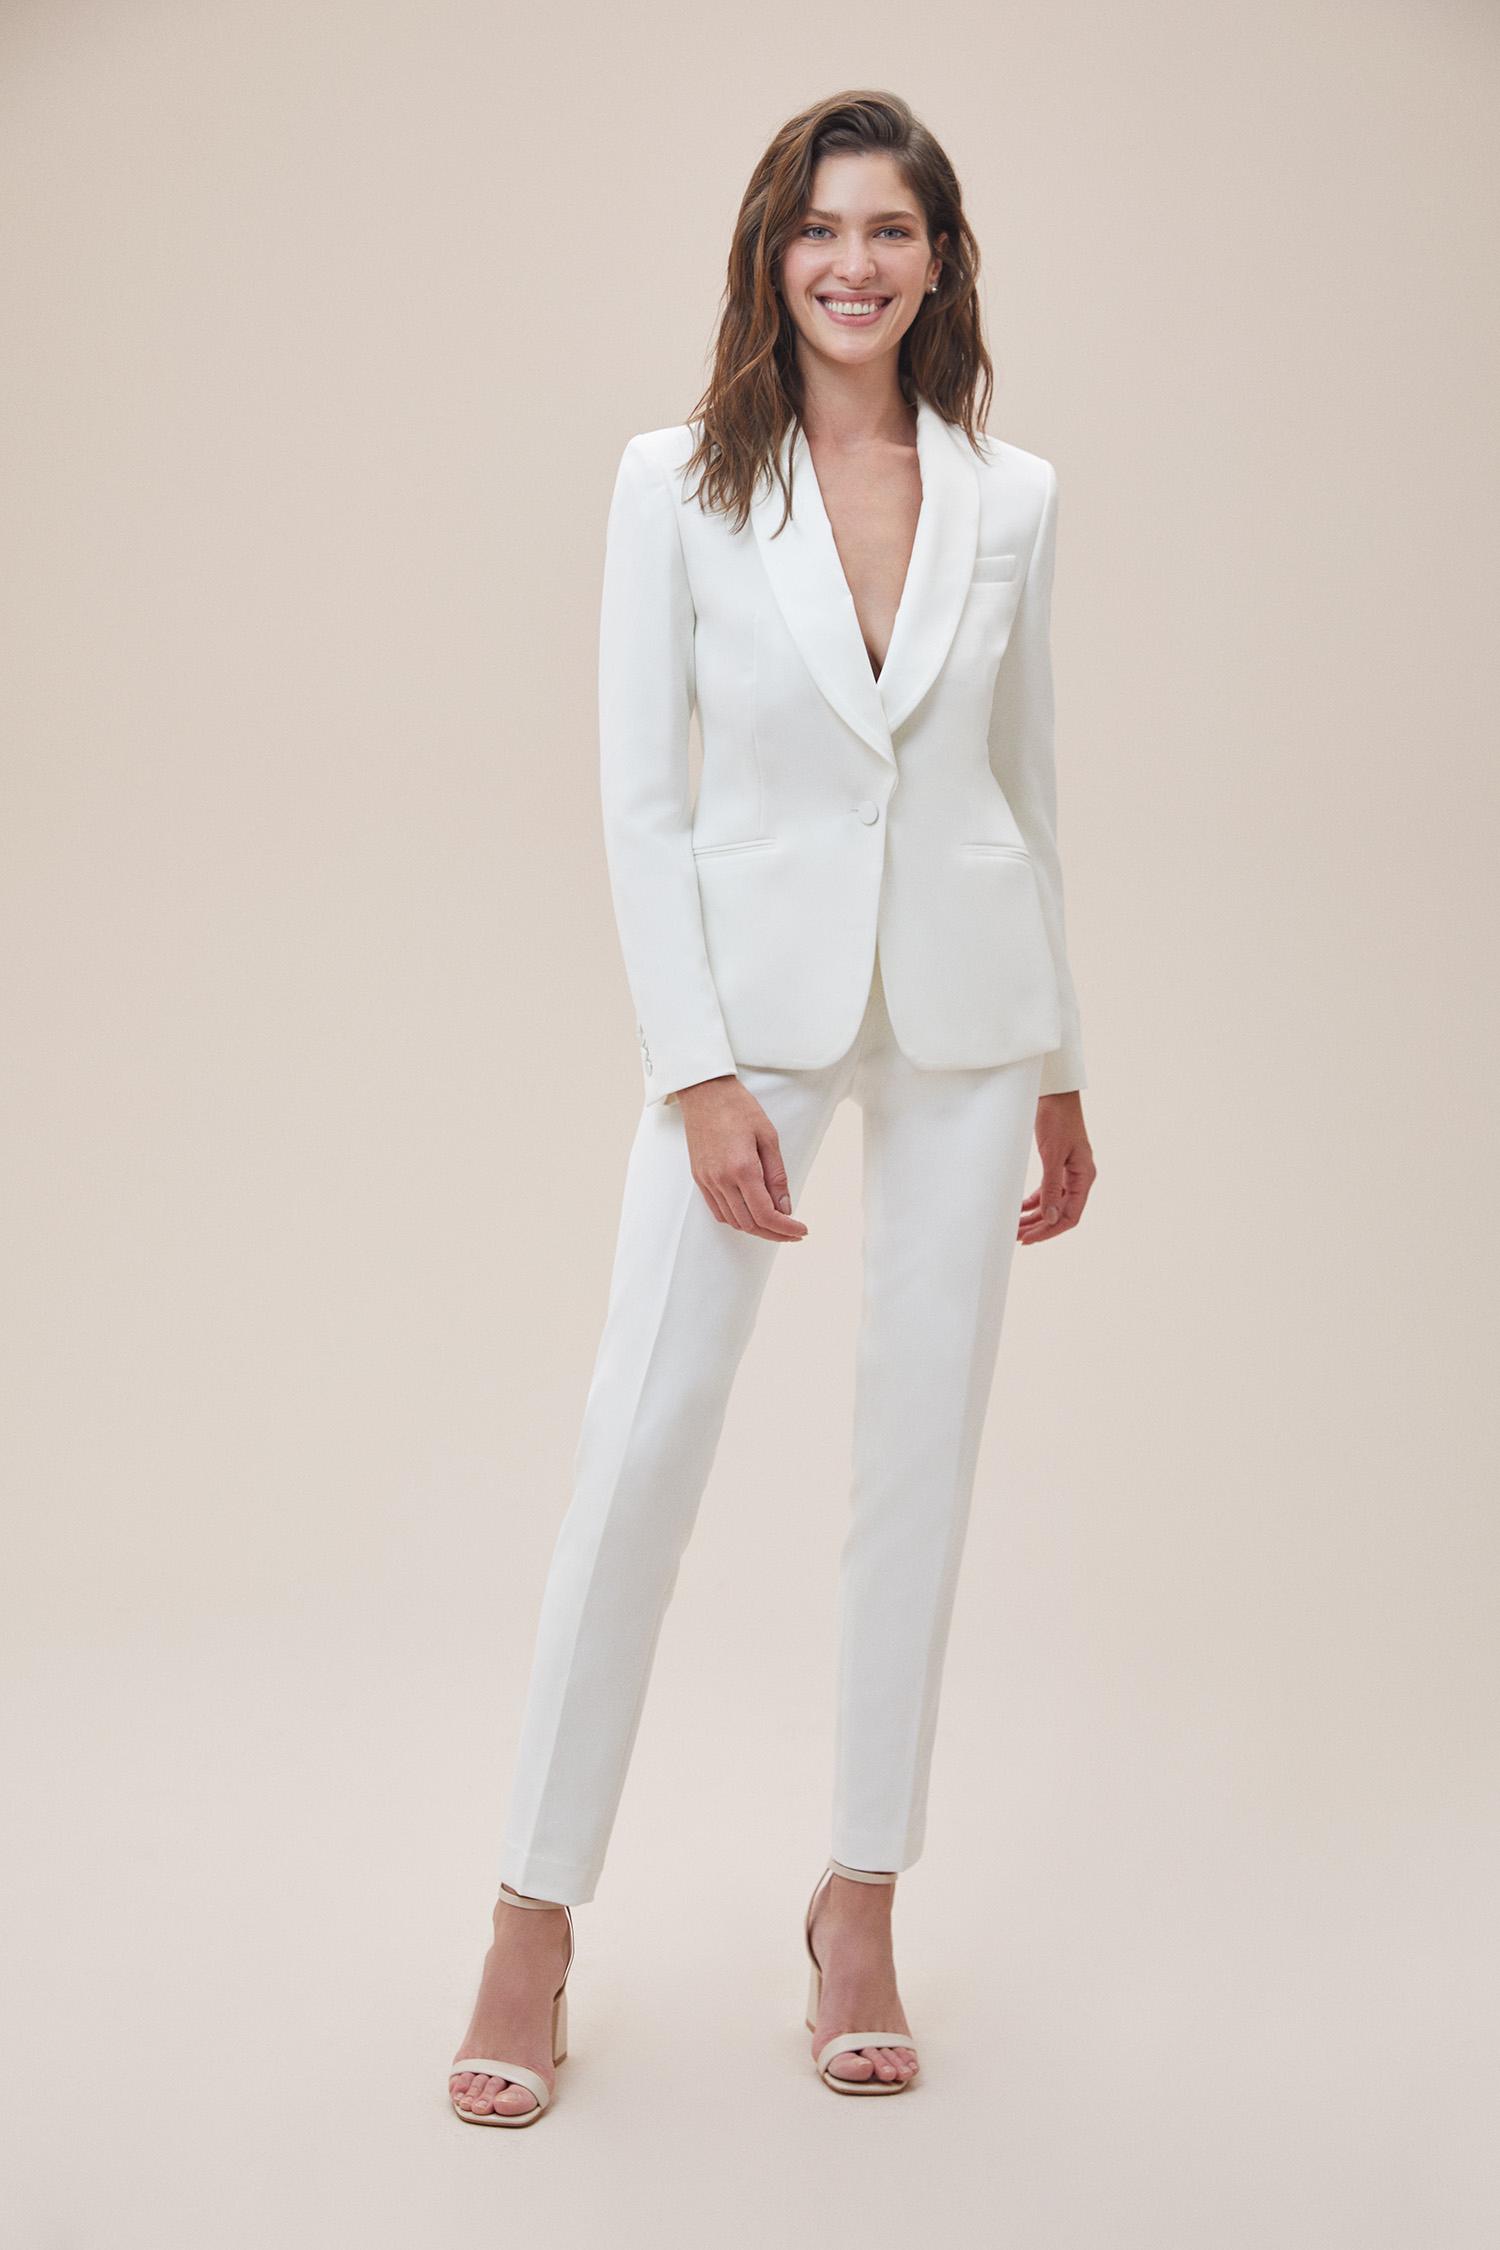 Oleg Cassini - Beyaz Dar Kesim Takım Elbise Büyük Beden Gelinlik Pantolonu (1)